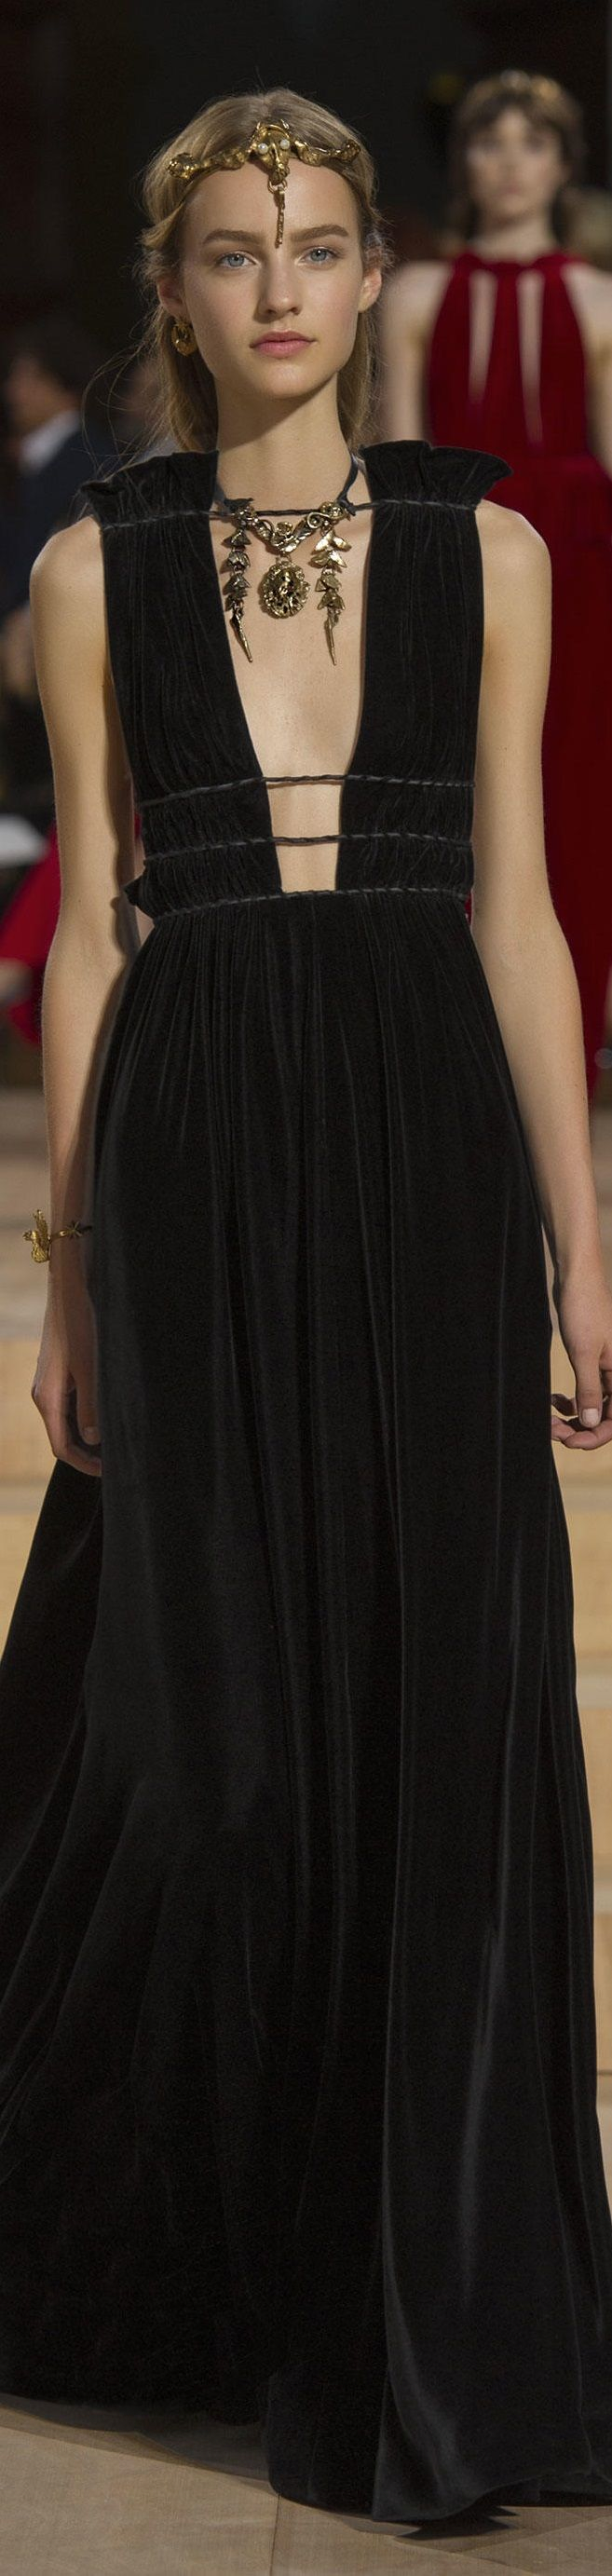 Valentino FW 2015 couture